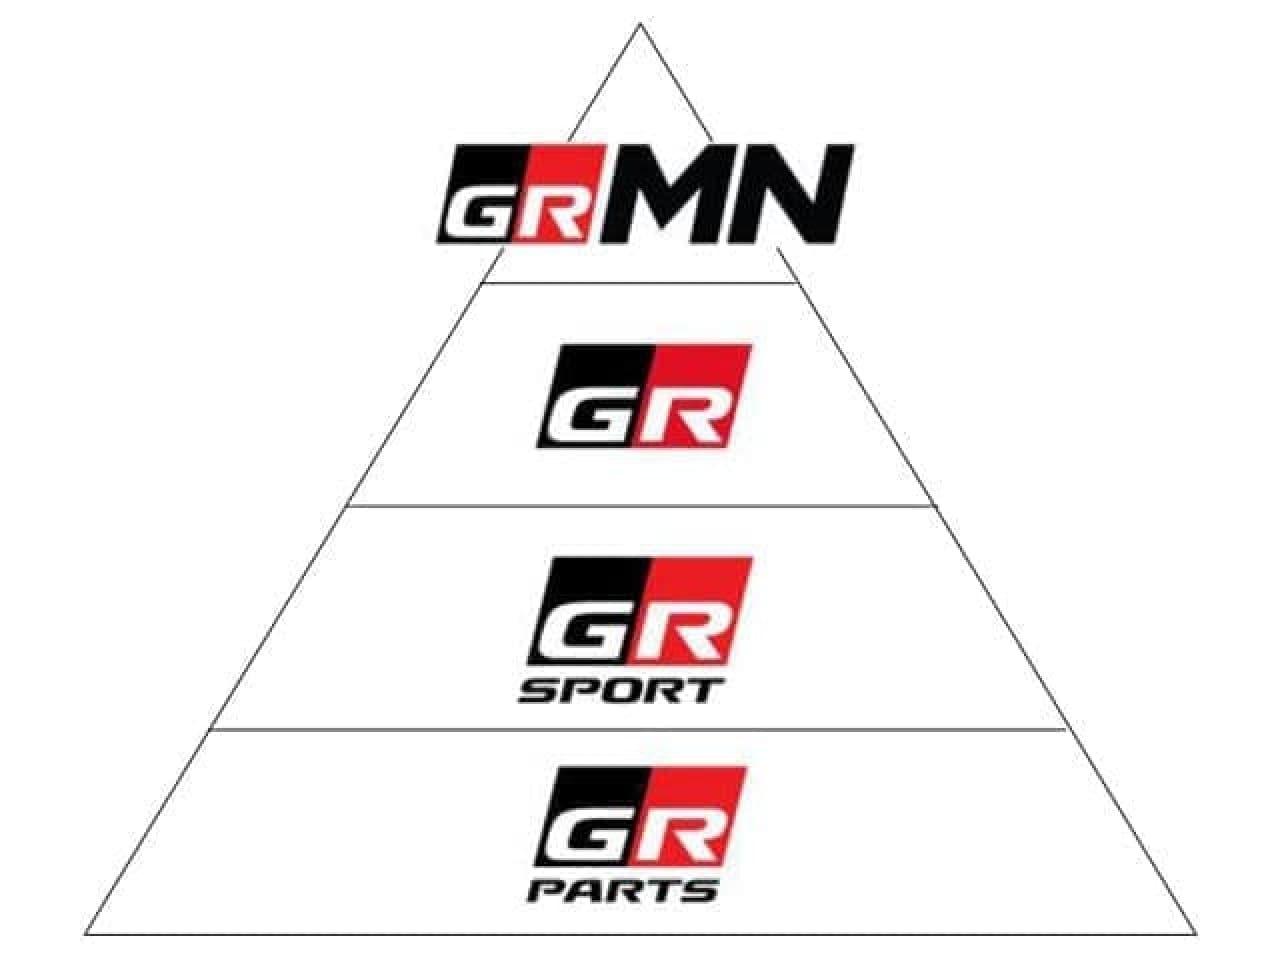 GRブランドの階層図